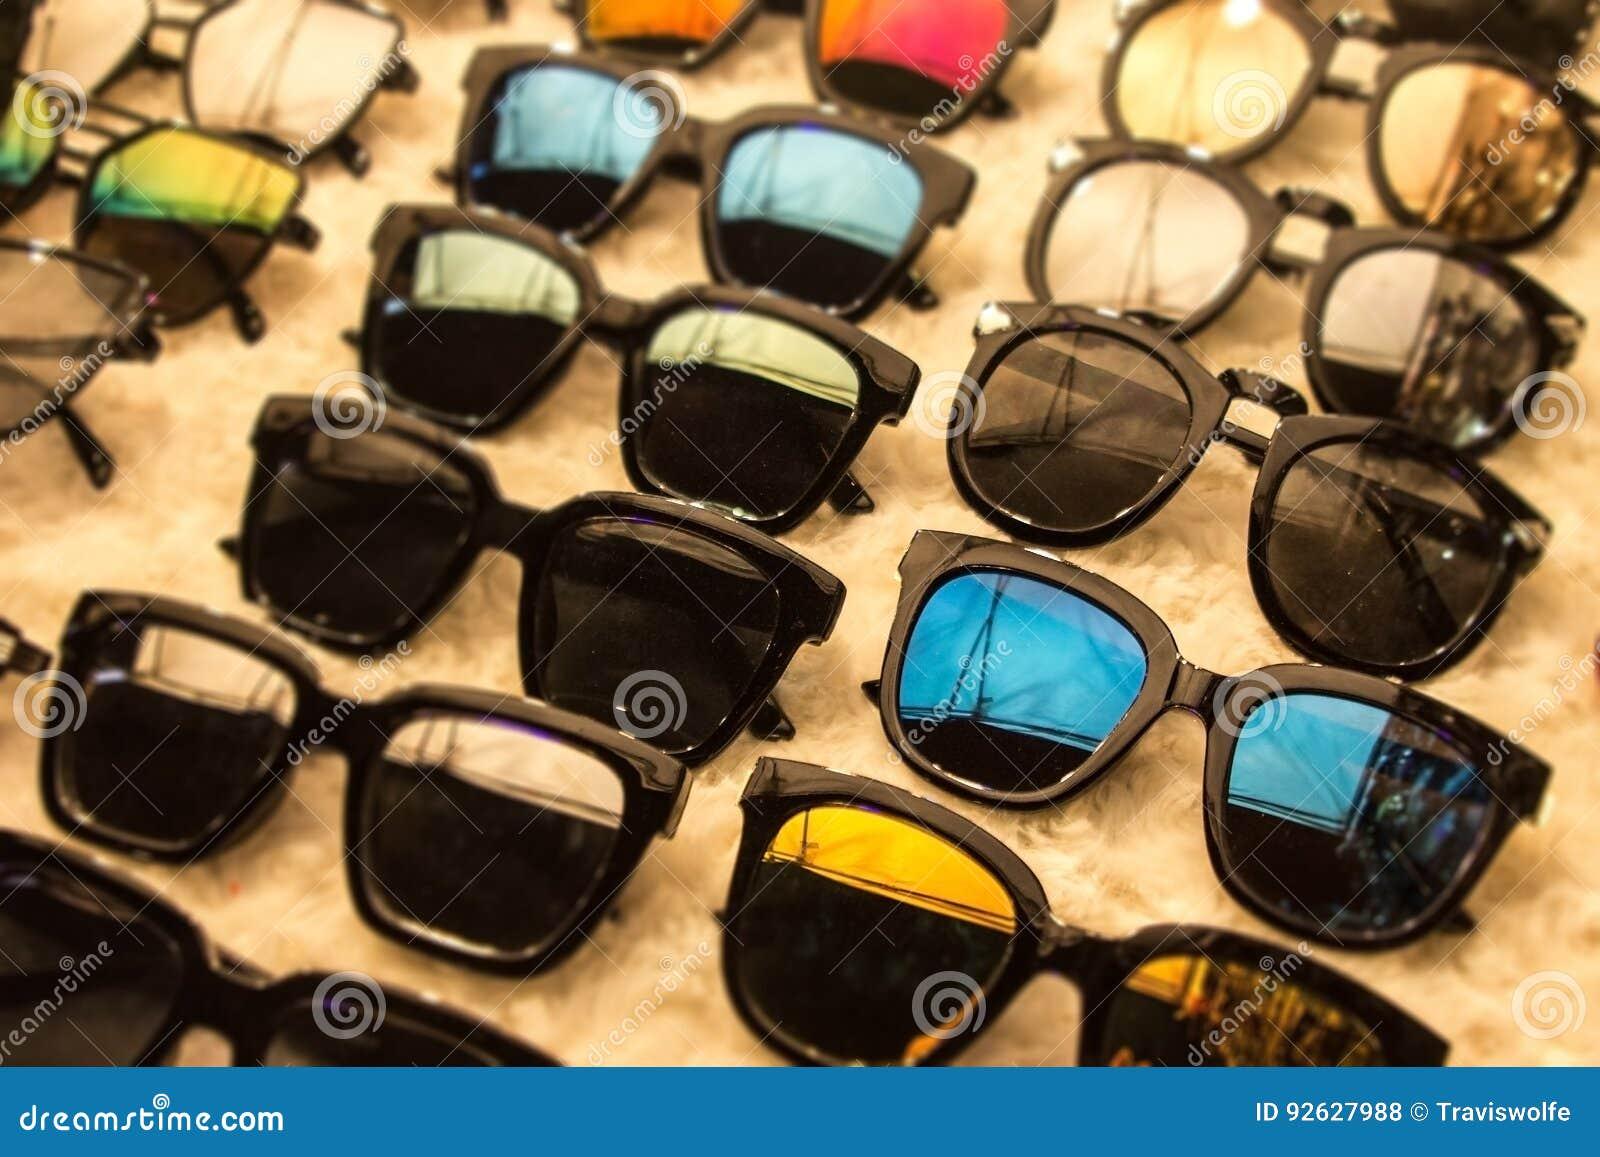 9a8b9752214b2 Habillement de lunettes de soleil dans la boutique du marché avec de  grandes remises sur l